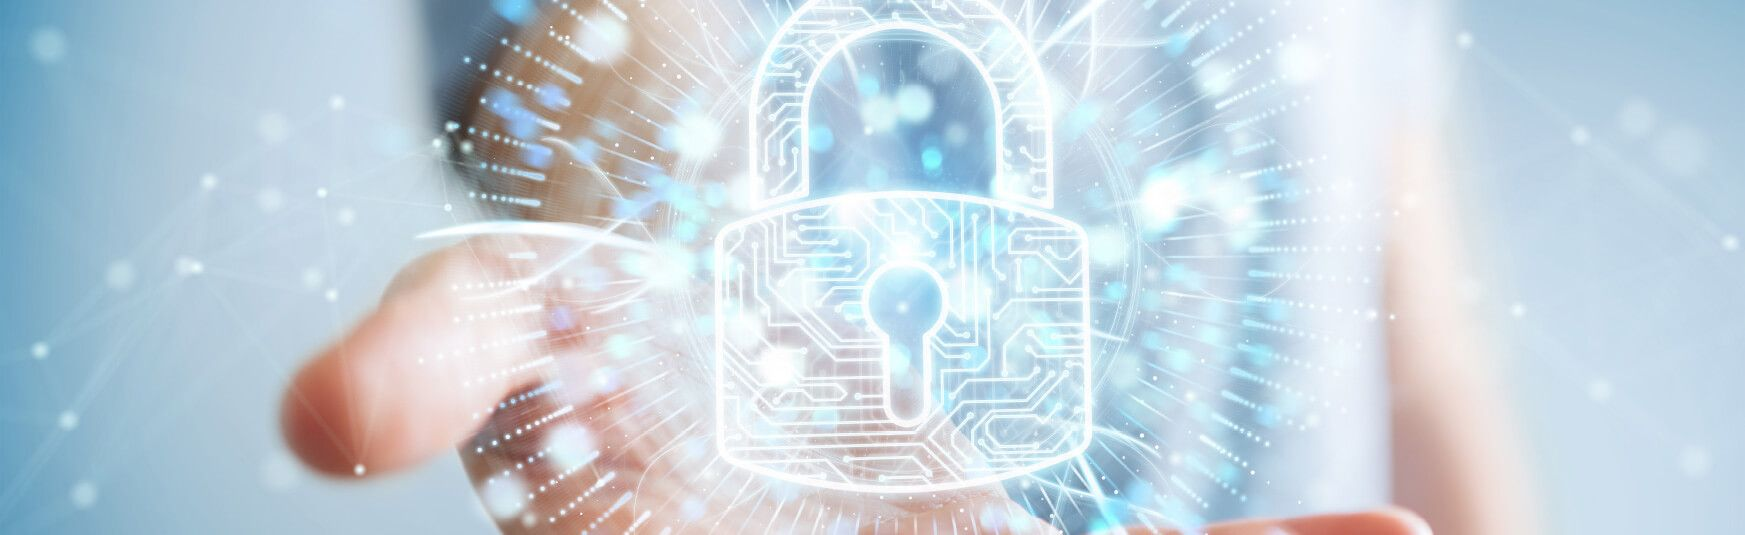 Wir beraten Sie rund um den Datenschutz und Informationssicherheit in Neumarkt, Nürnberg, Amberg